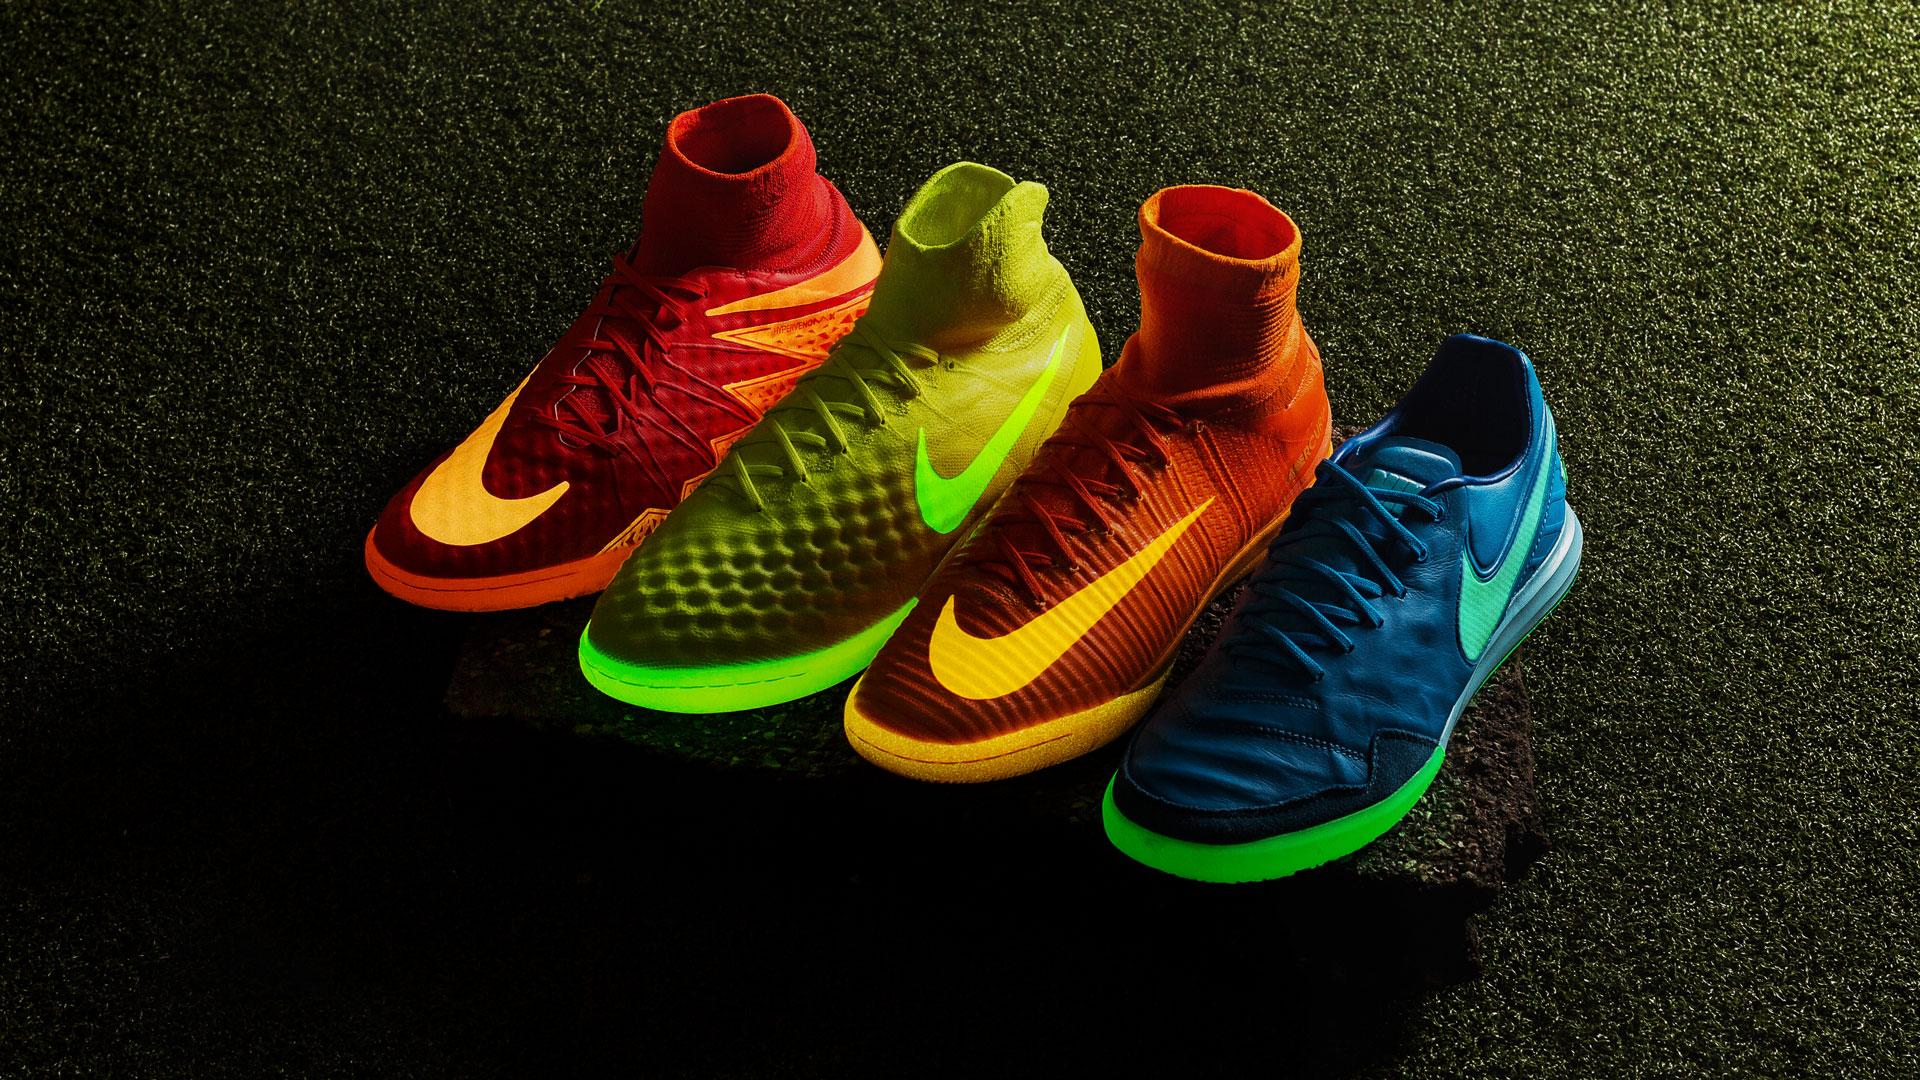 Glow in the dark fodboldsko | Nike indendørssko |